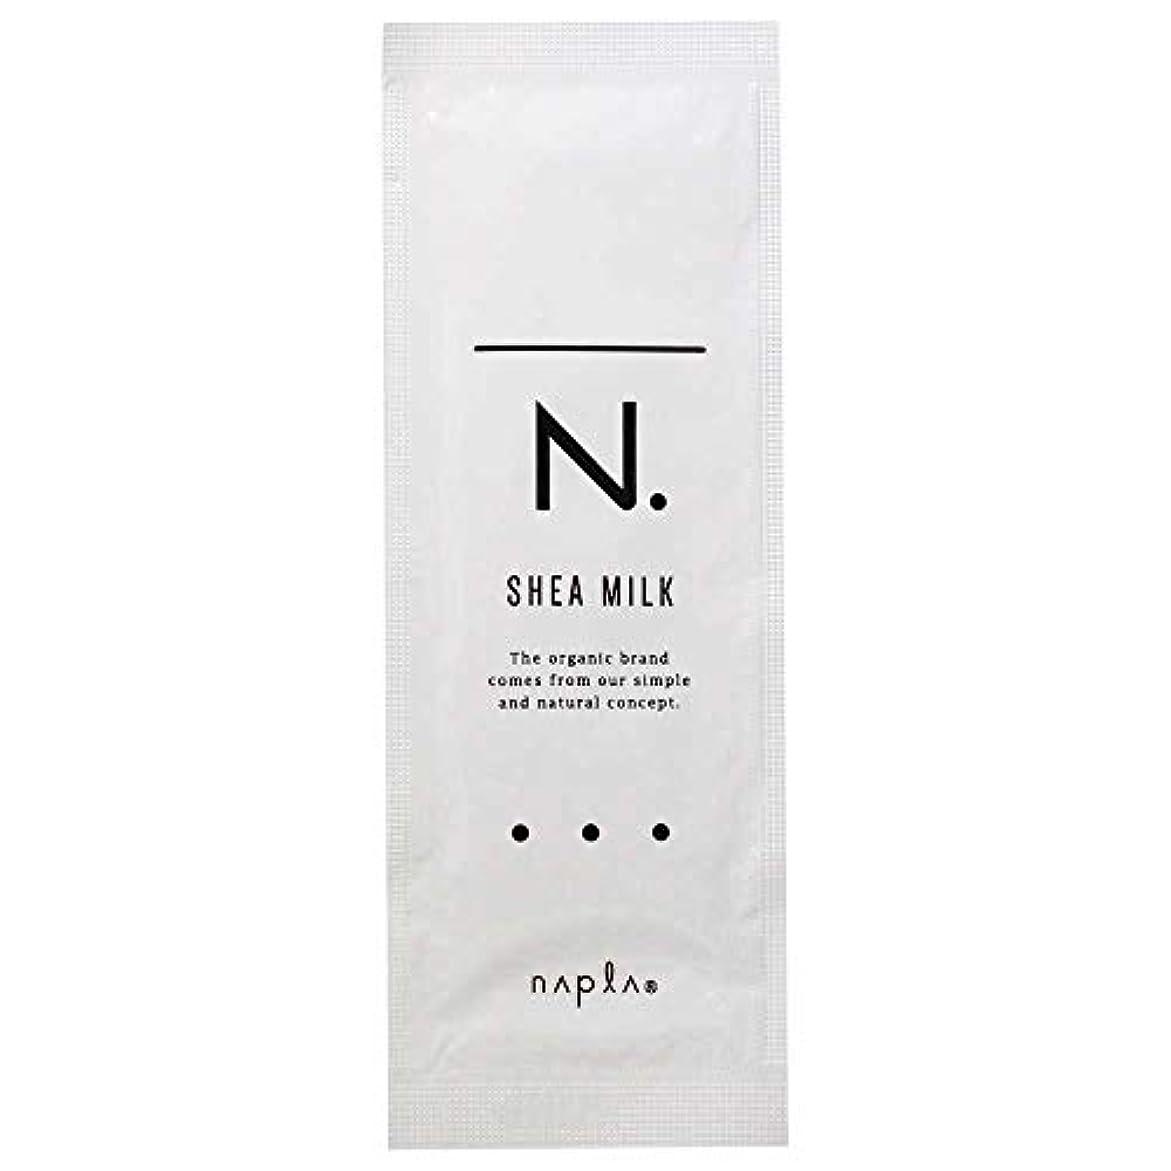 戸惑う恵み耐えるナプラ エヌドット シアミルク 7.5g